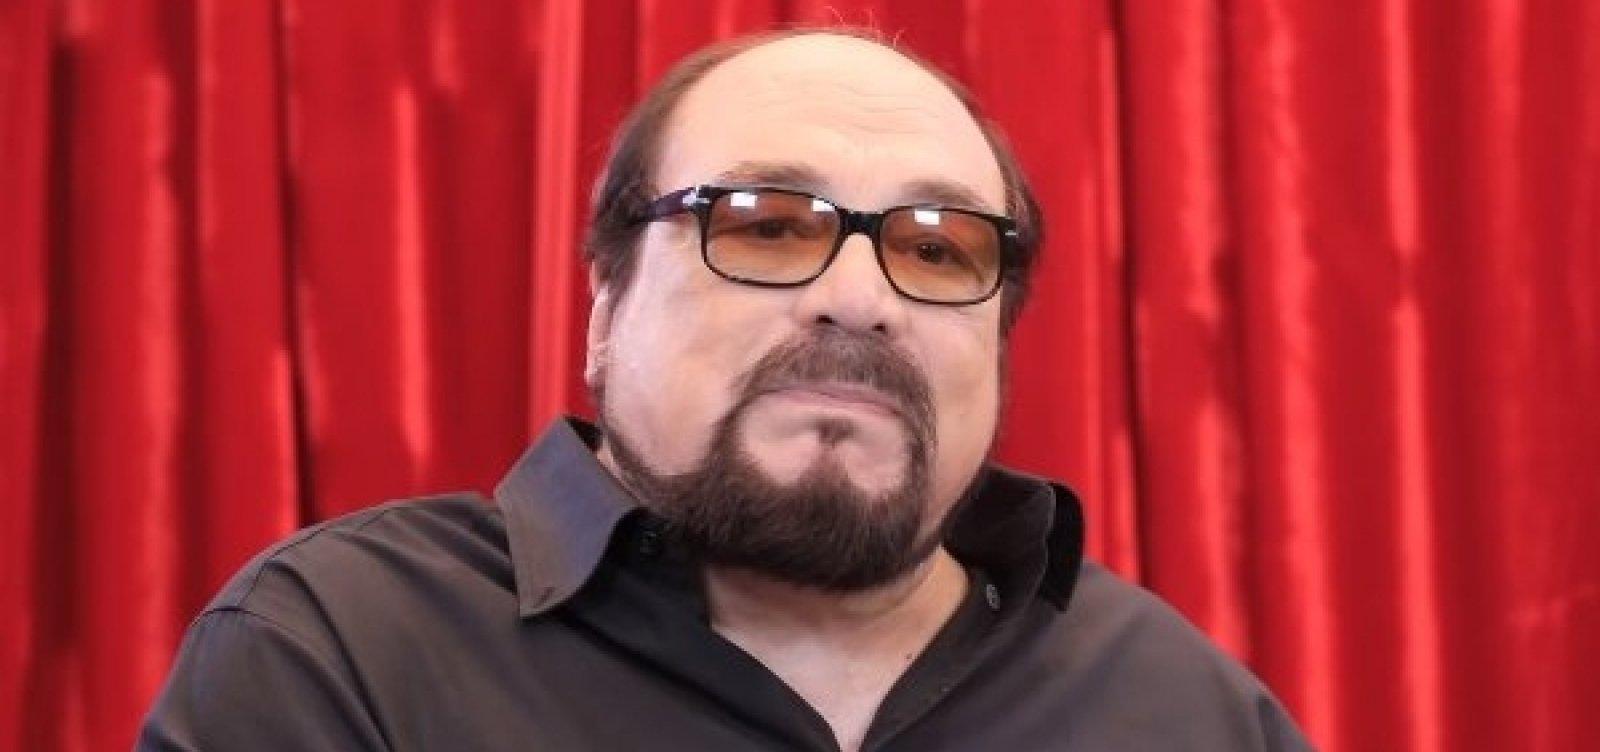 [Crítico de cinema Rubens Ewald Filho morre aos 74 anos]